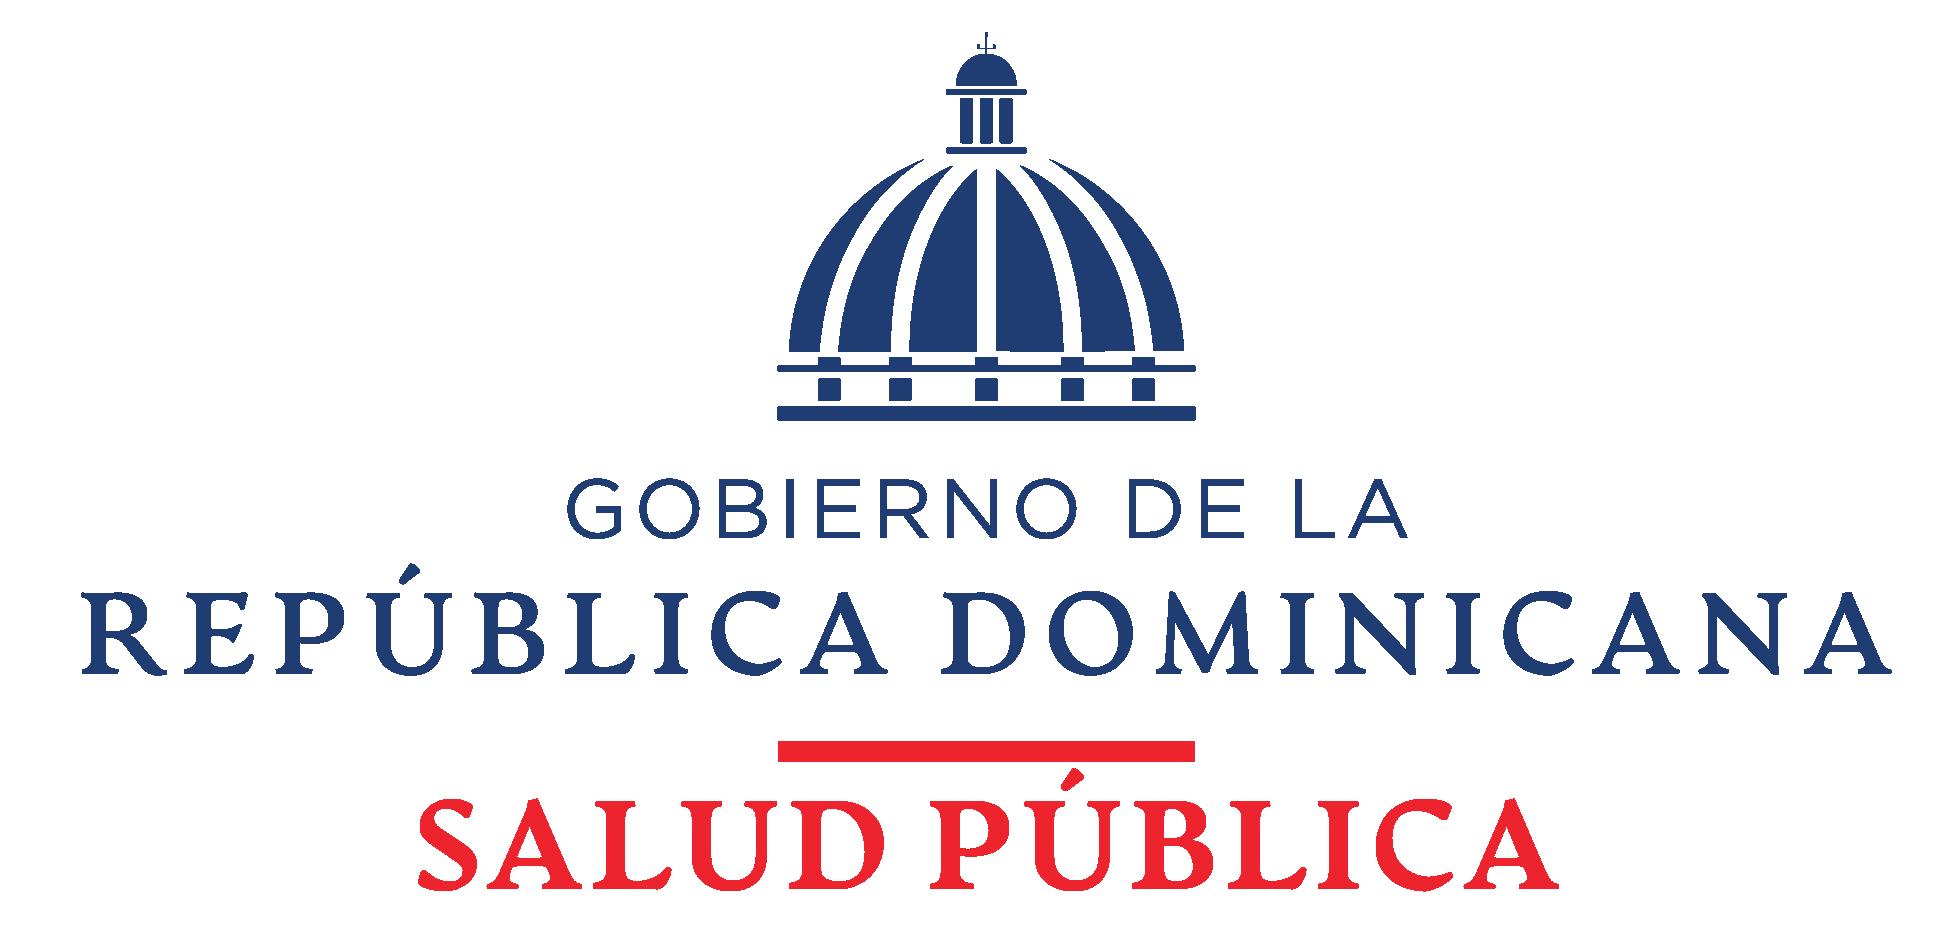 Portada - Ministerio de Salud Pública